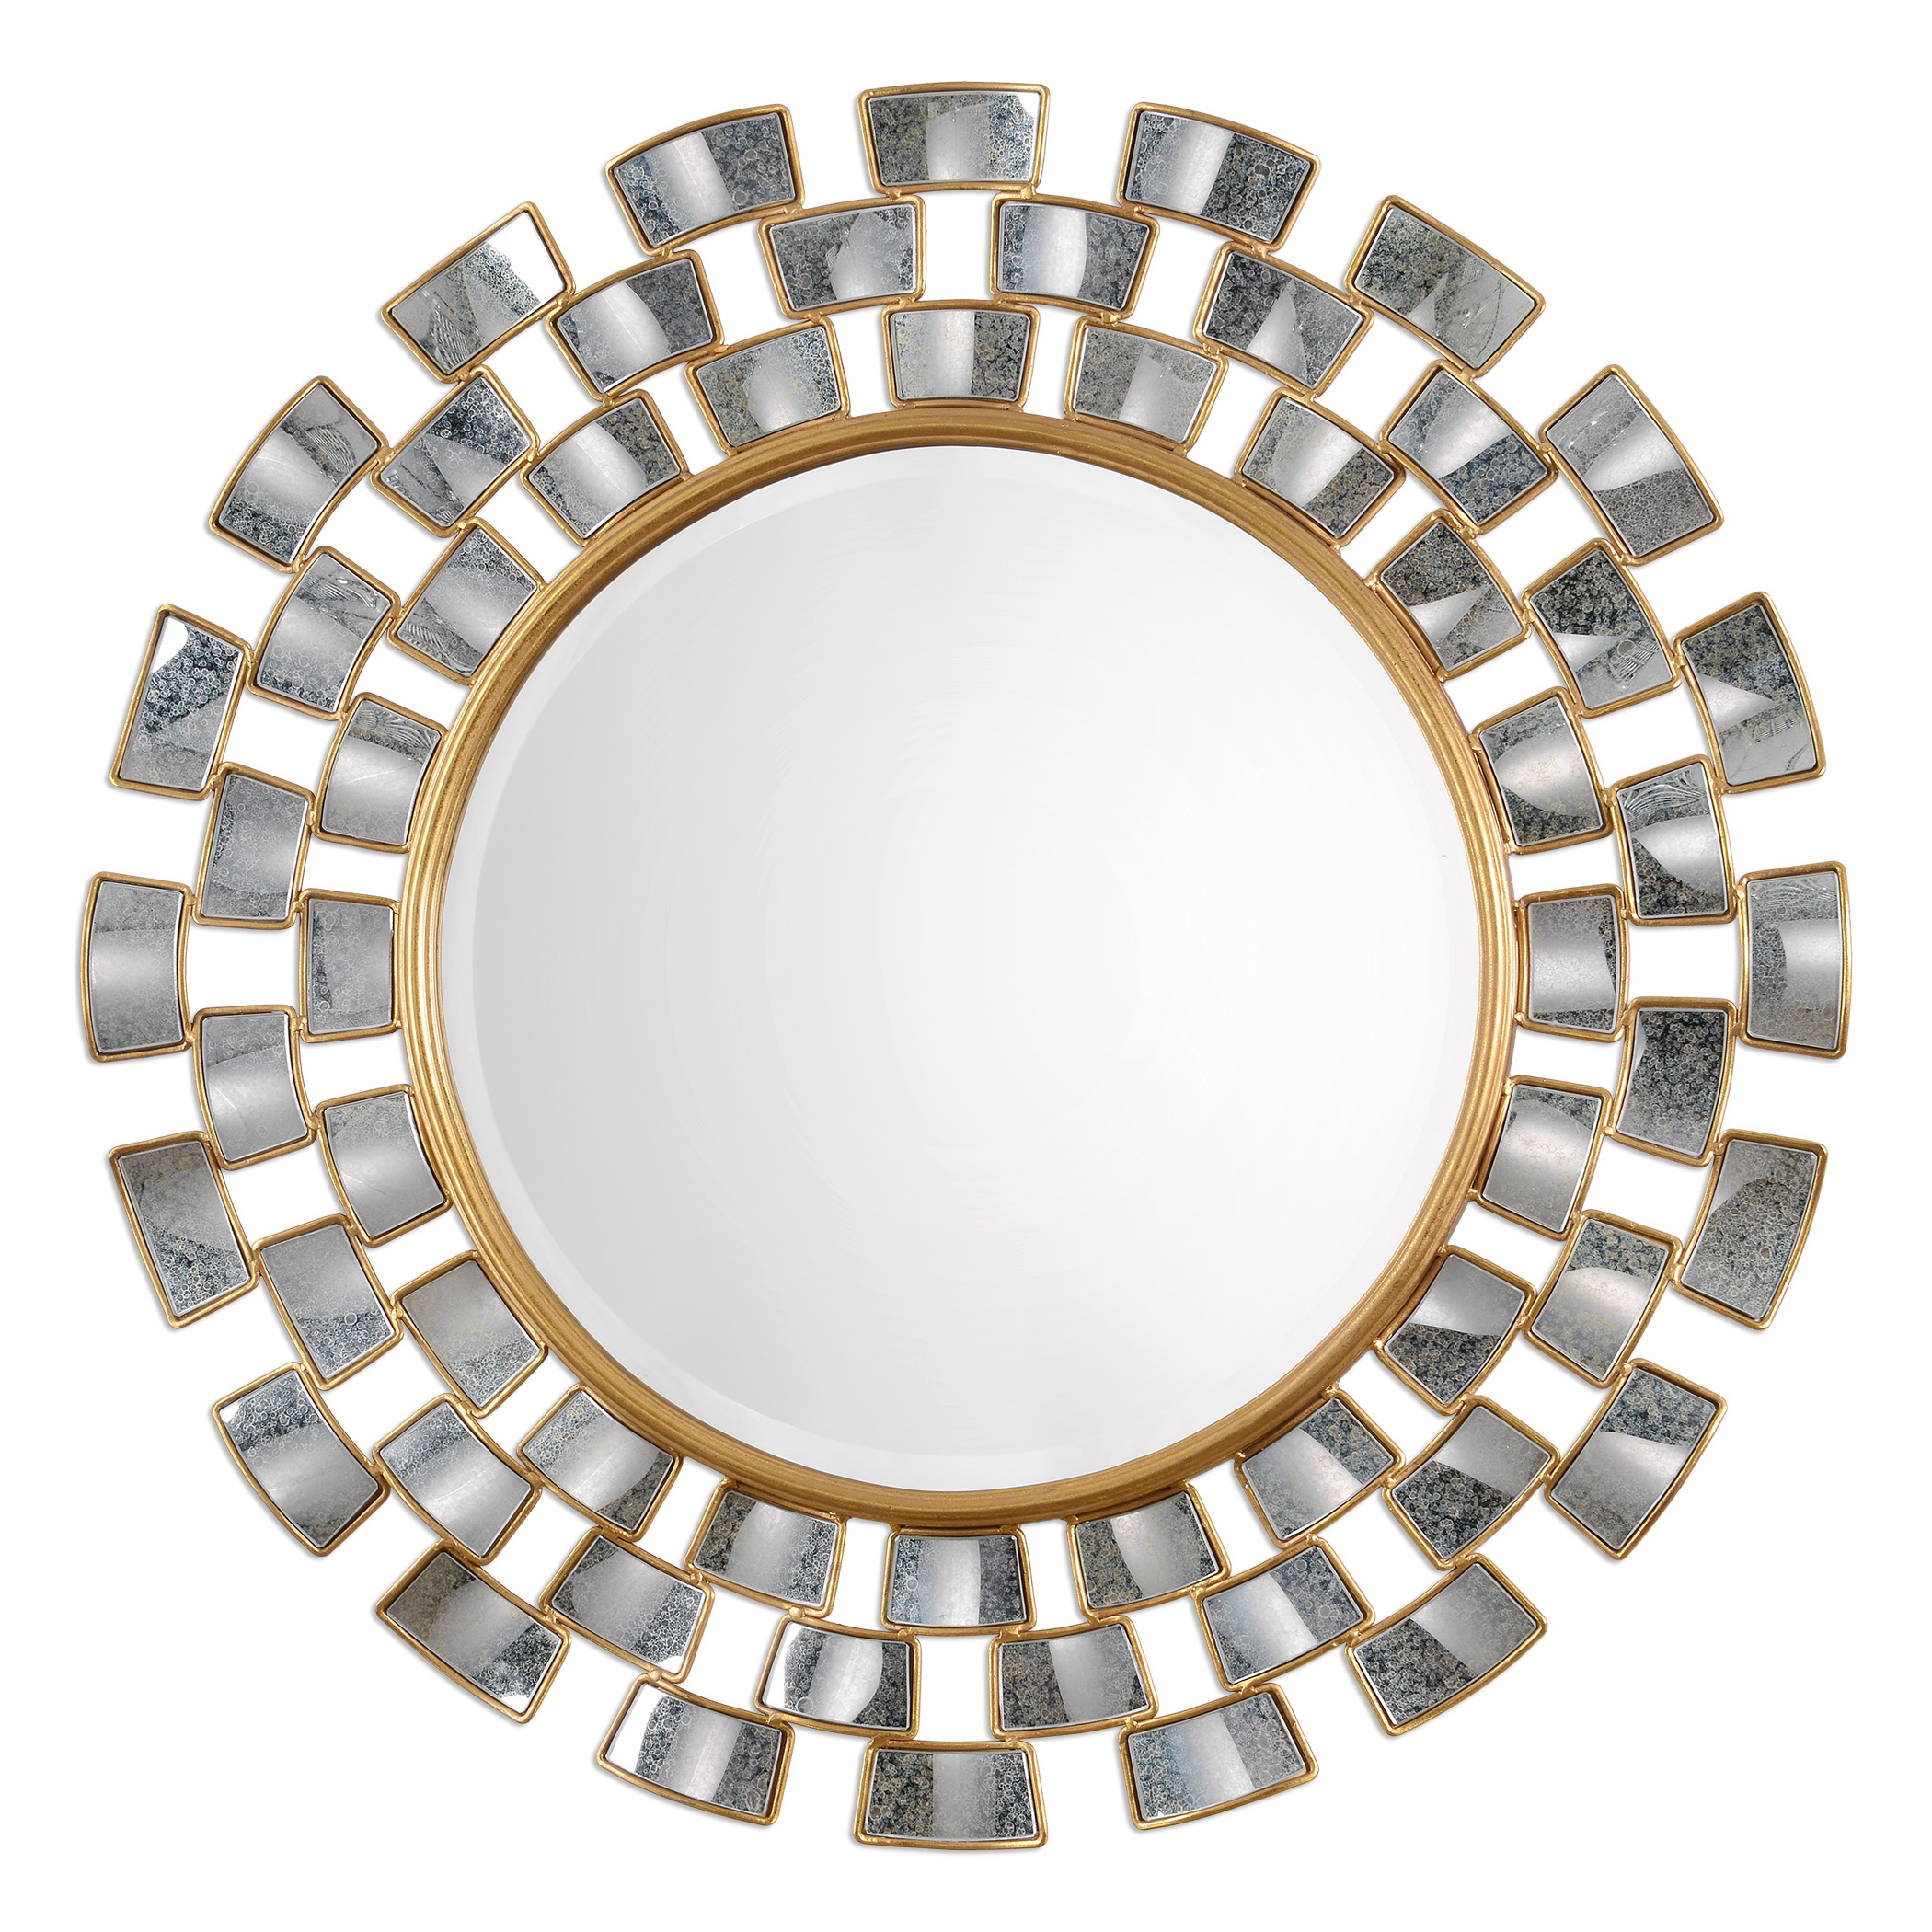 Uttermost Mirrors Rachida Round Mirror - Item Number: 09107